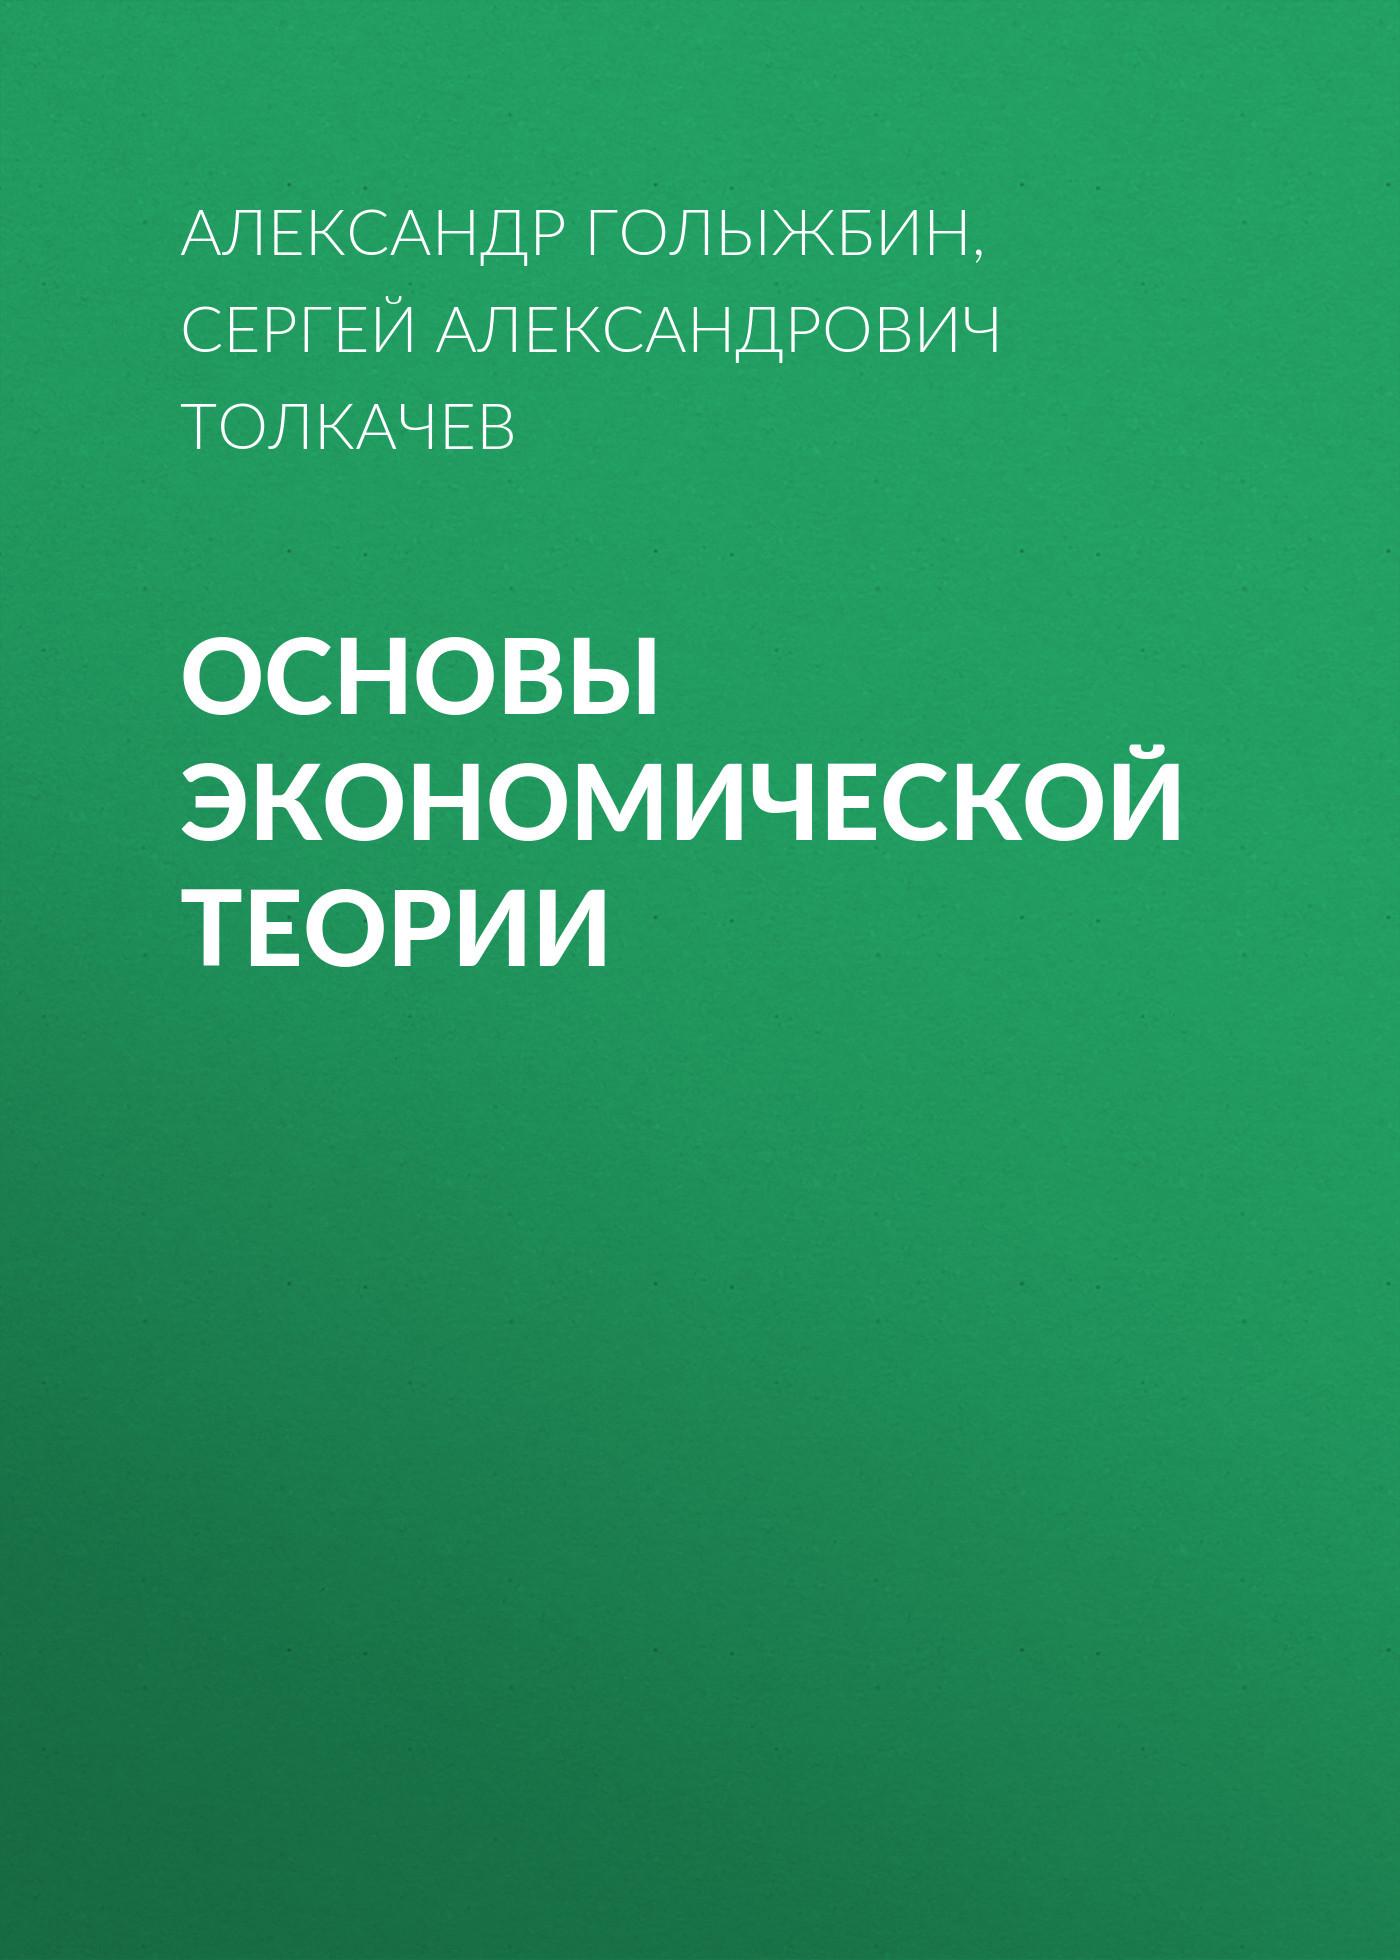 Сергей Александрович Толкачев Основы экономической теории виктор варягин практические рекомендации по океанскому и морскому яхтингу